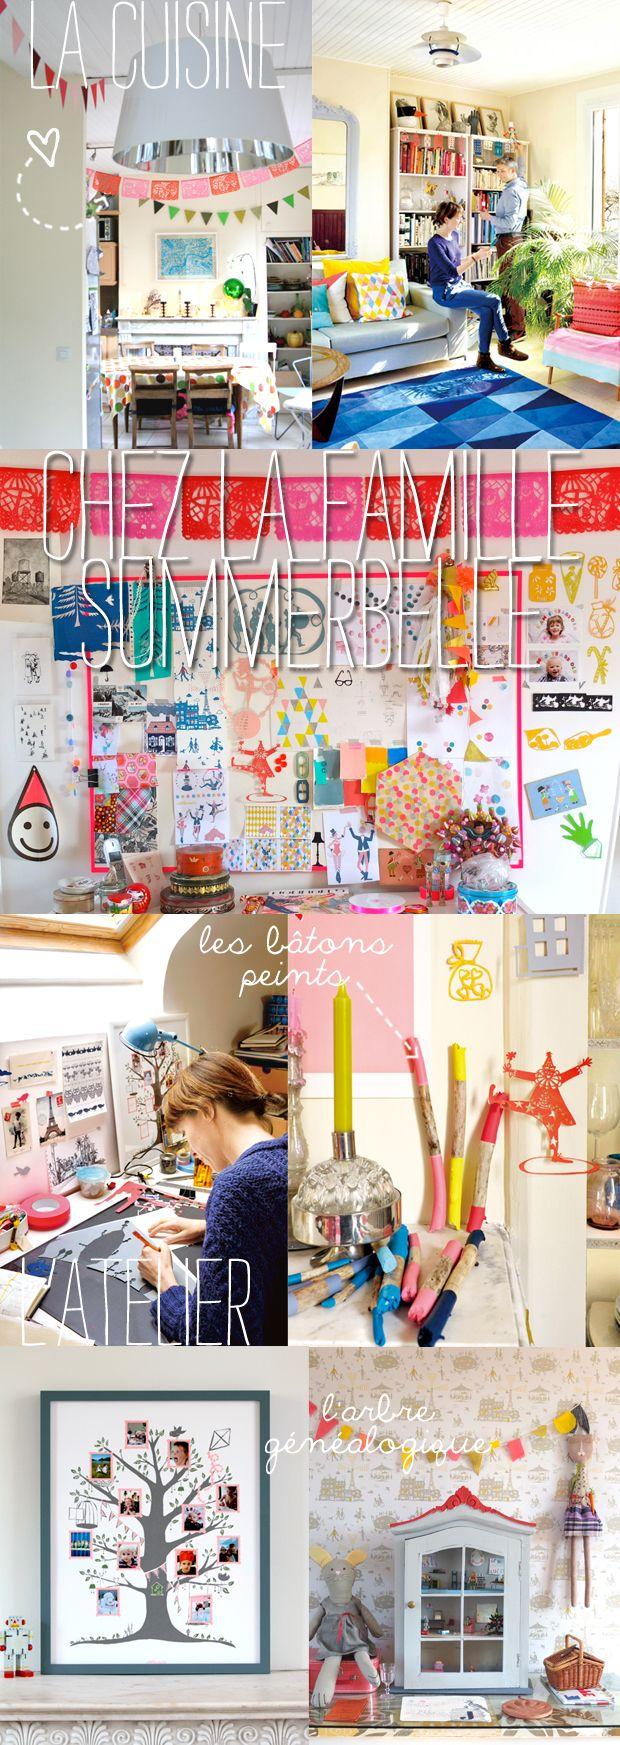 Home Sweet Home : chez la Famille Summerbelle